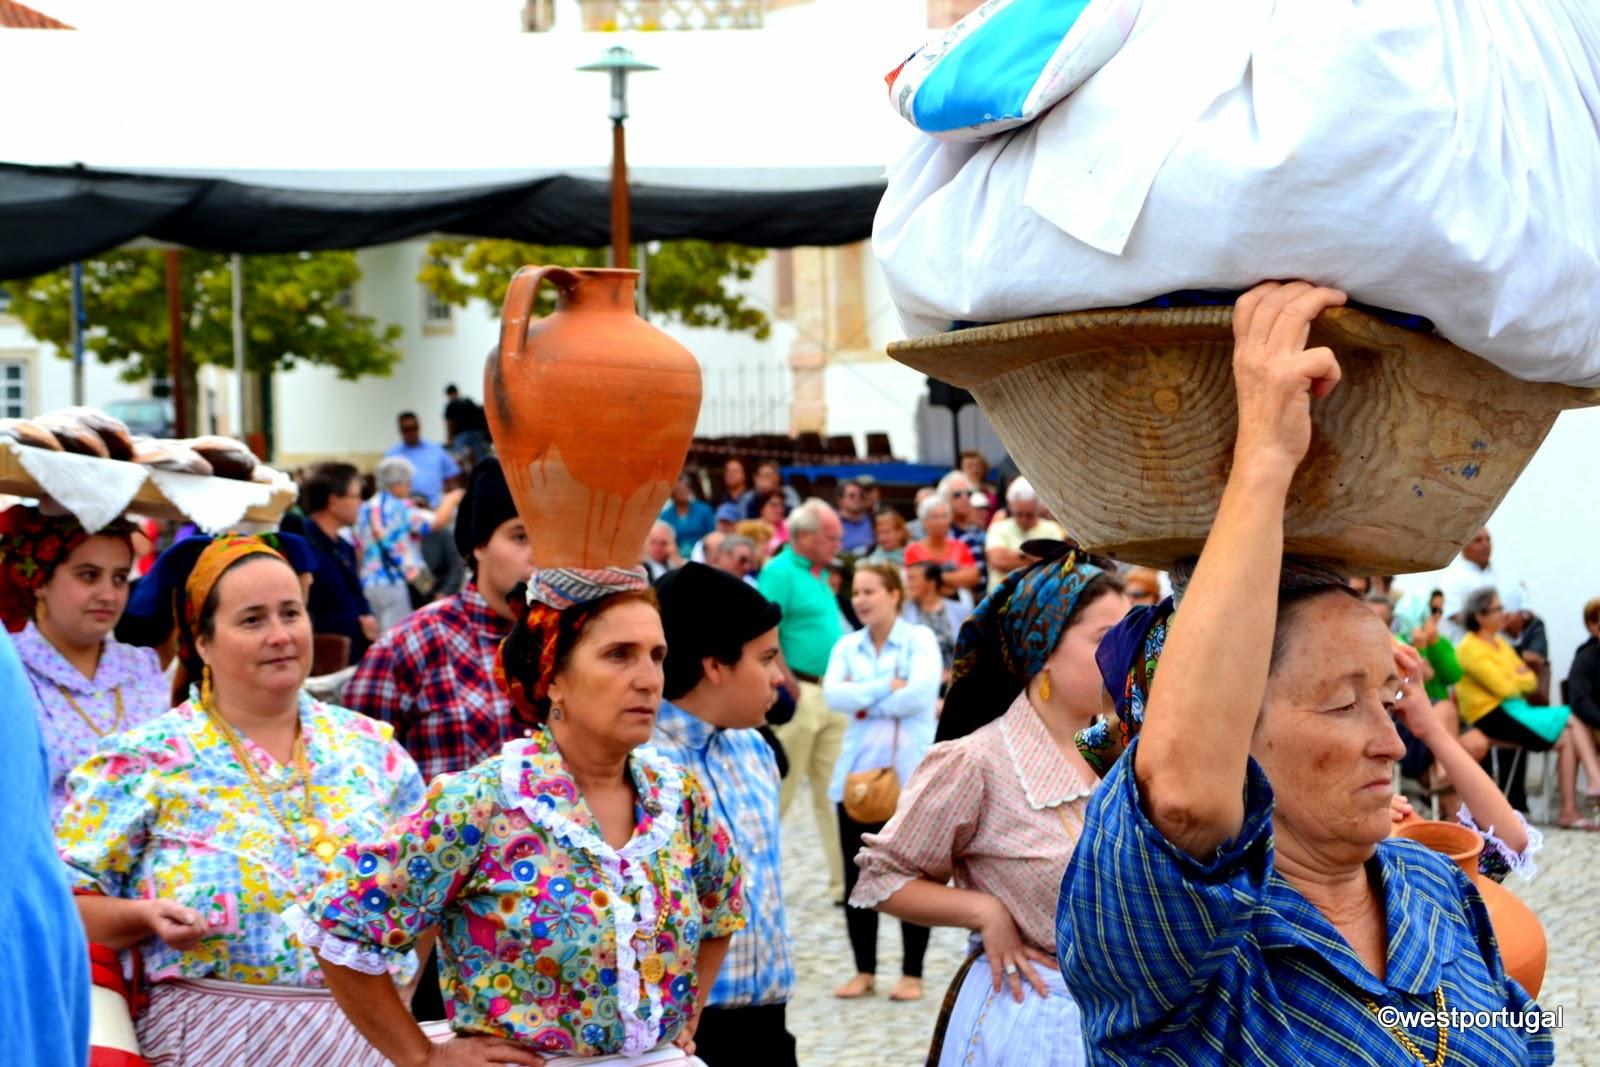 праздники и интересные события в Португалии